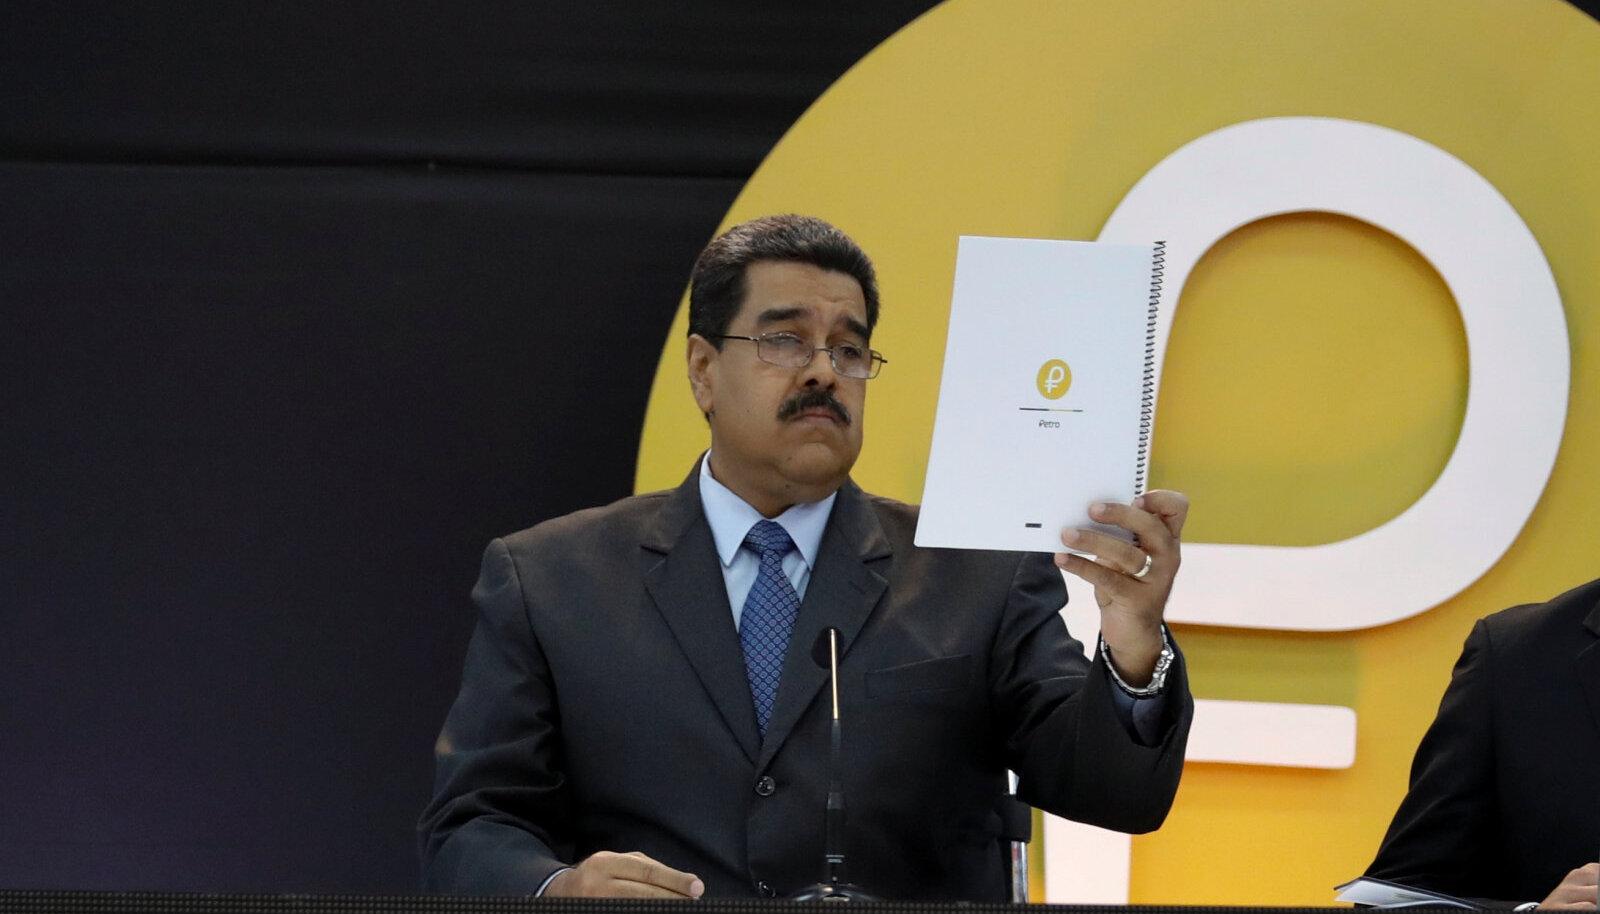 Venezuela president Nicolas Maduro tutvustab riigi krüptoraha petro sümbolit